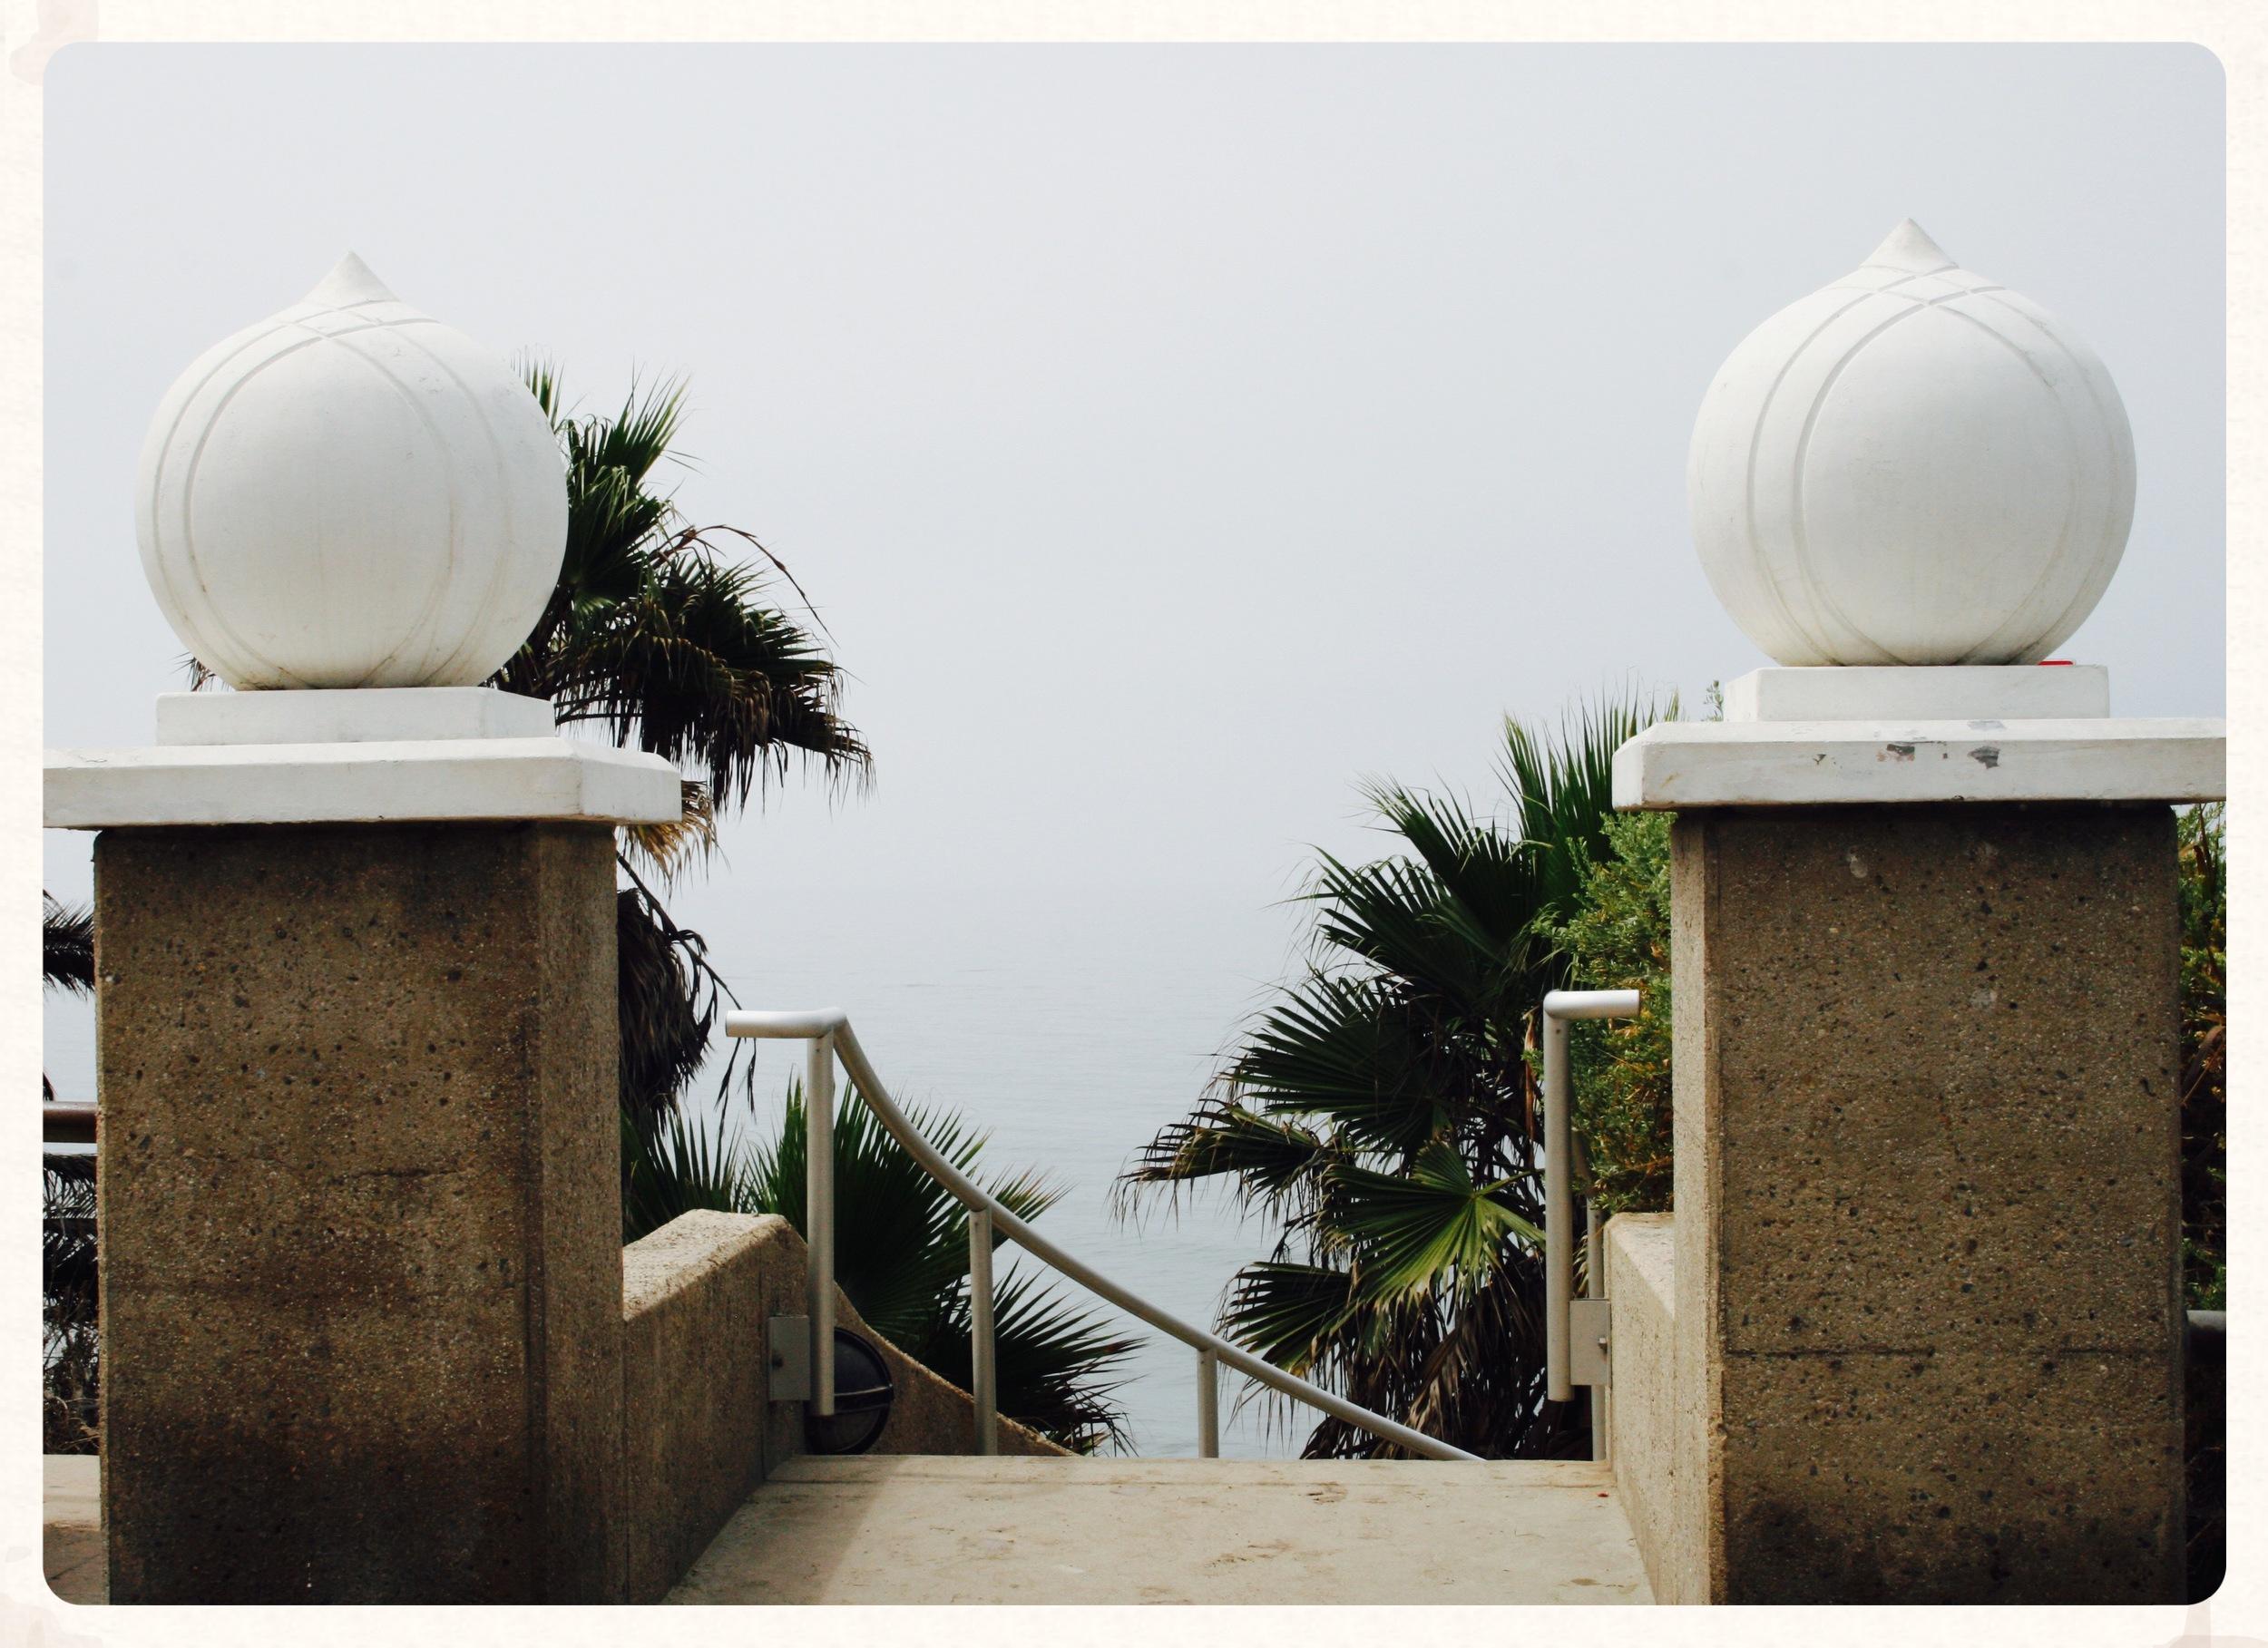 The Swami's Beach, Encinitas, CA. Image©gunjanvirk